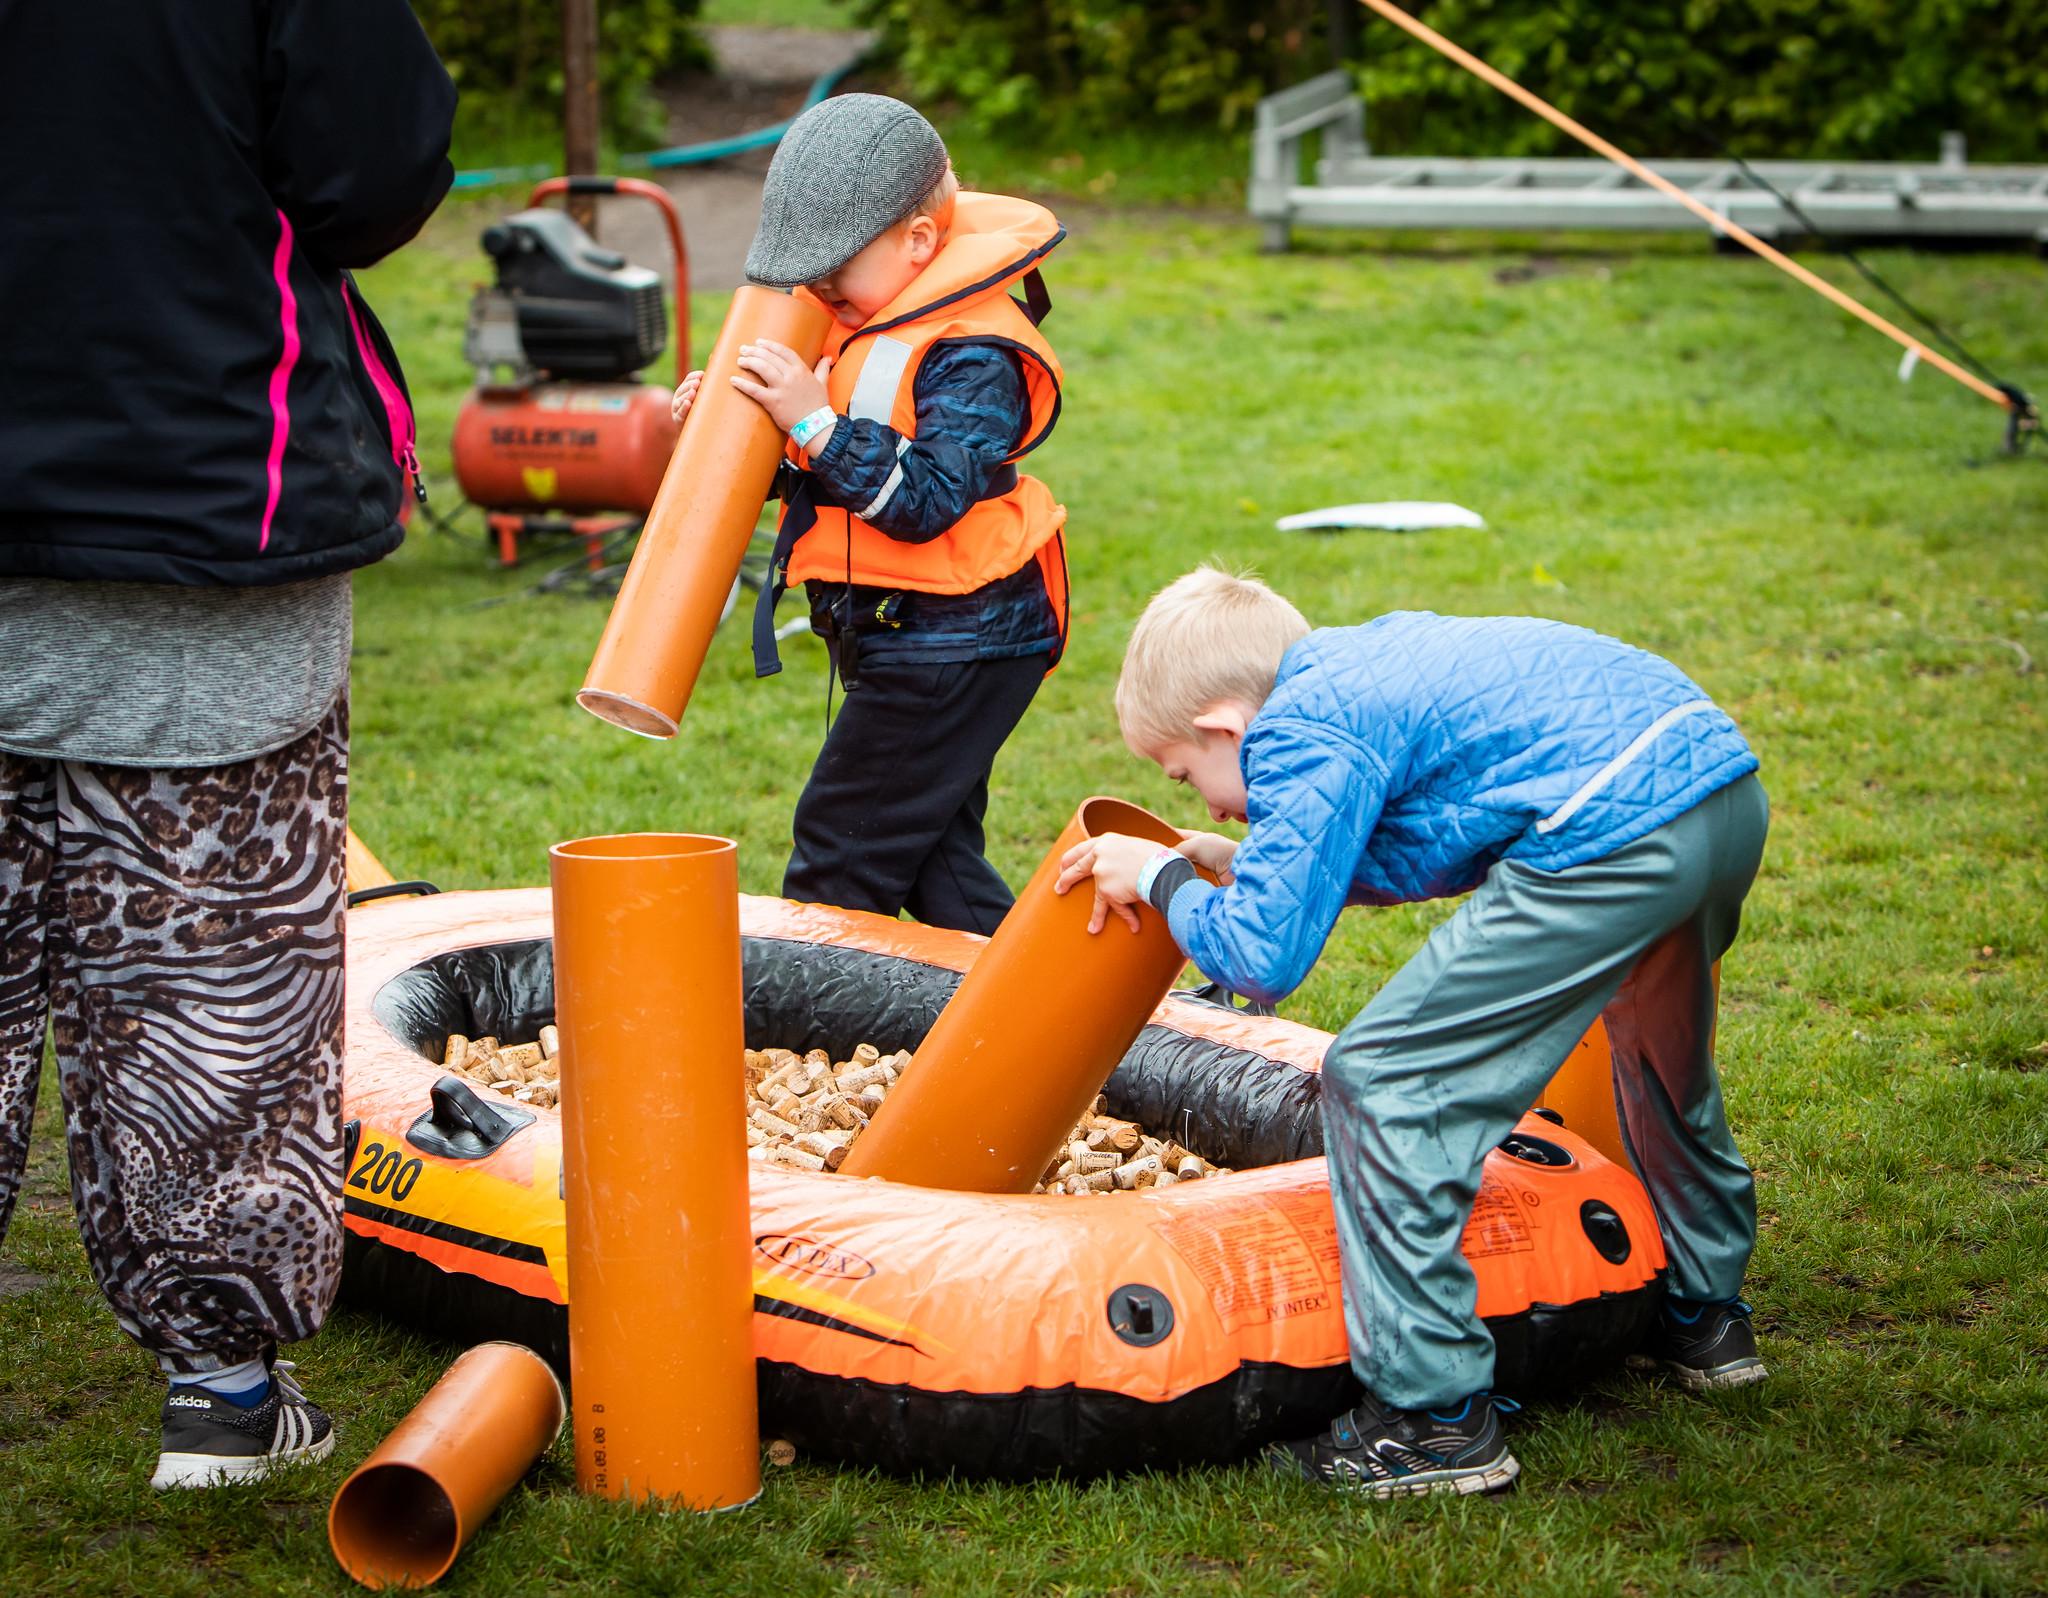 Skoler inviteres i Kildeparken: Aalborg Karneval kommer på skoleskemaet